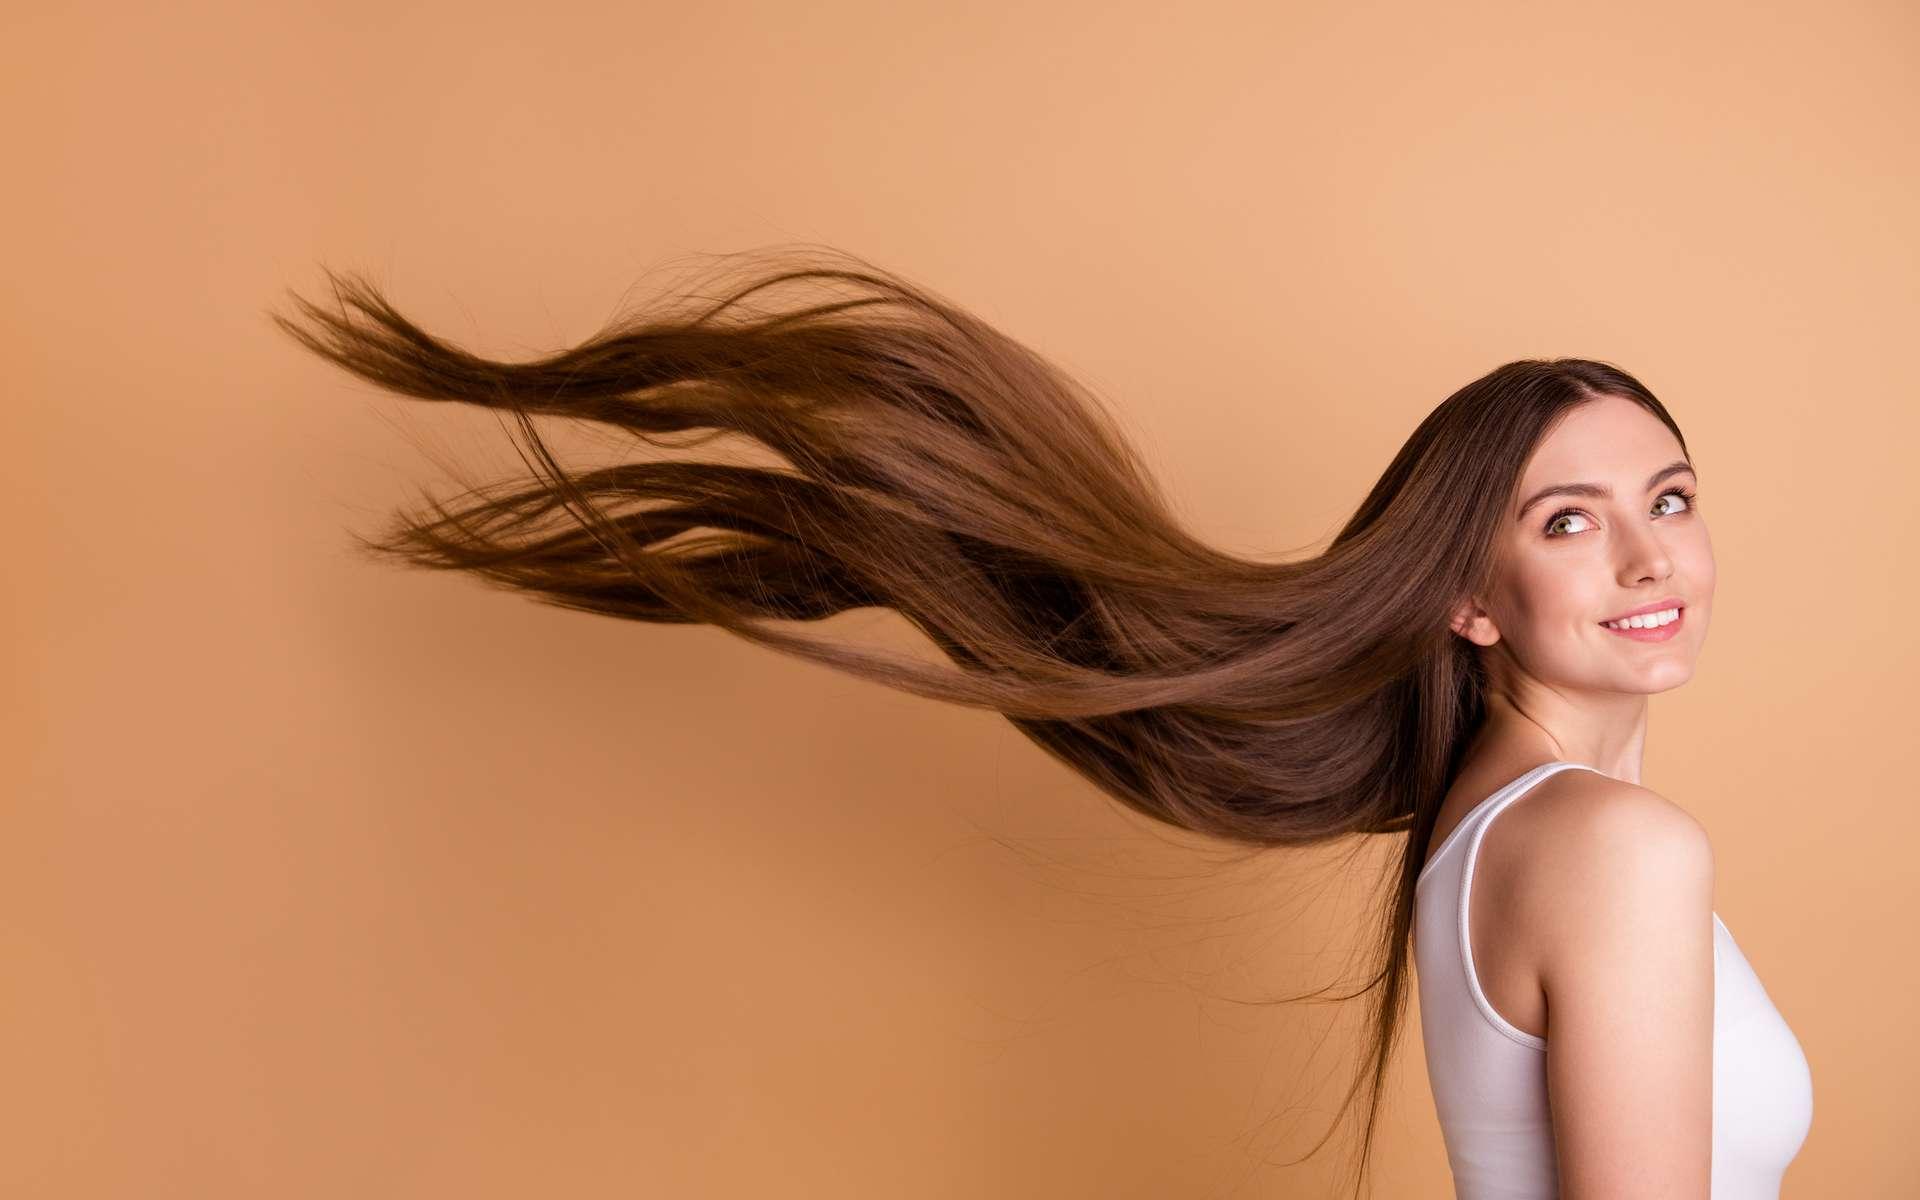 La phase de pousse du cheveu dure plus longtemps chez les femmes. © eagreez, Adobe Stock